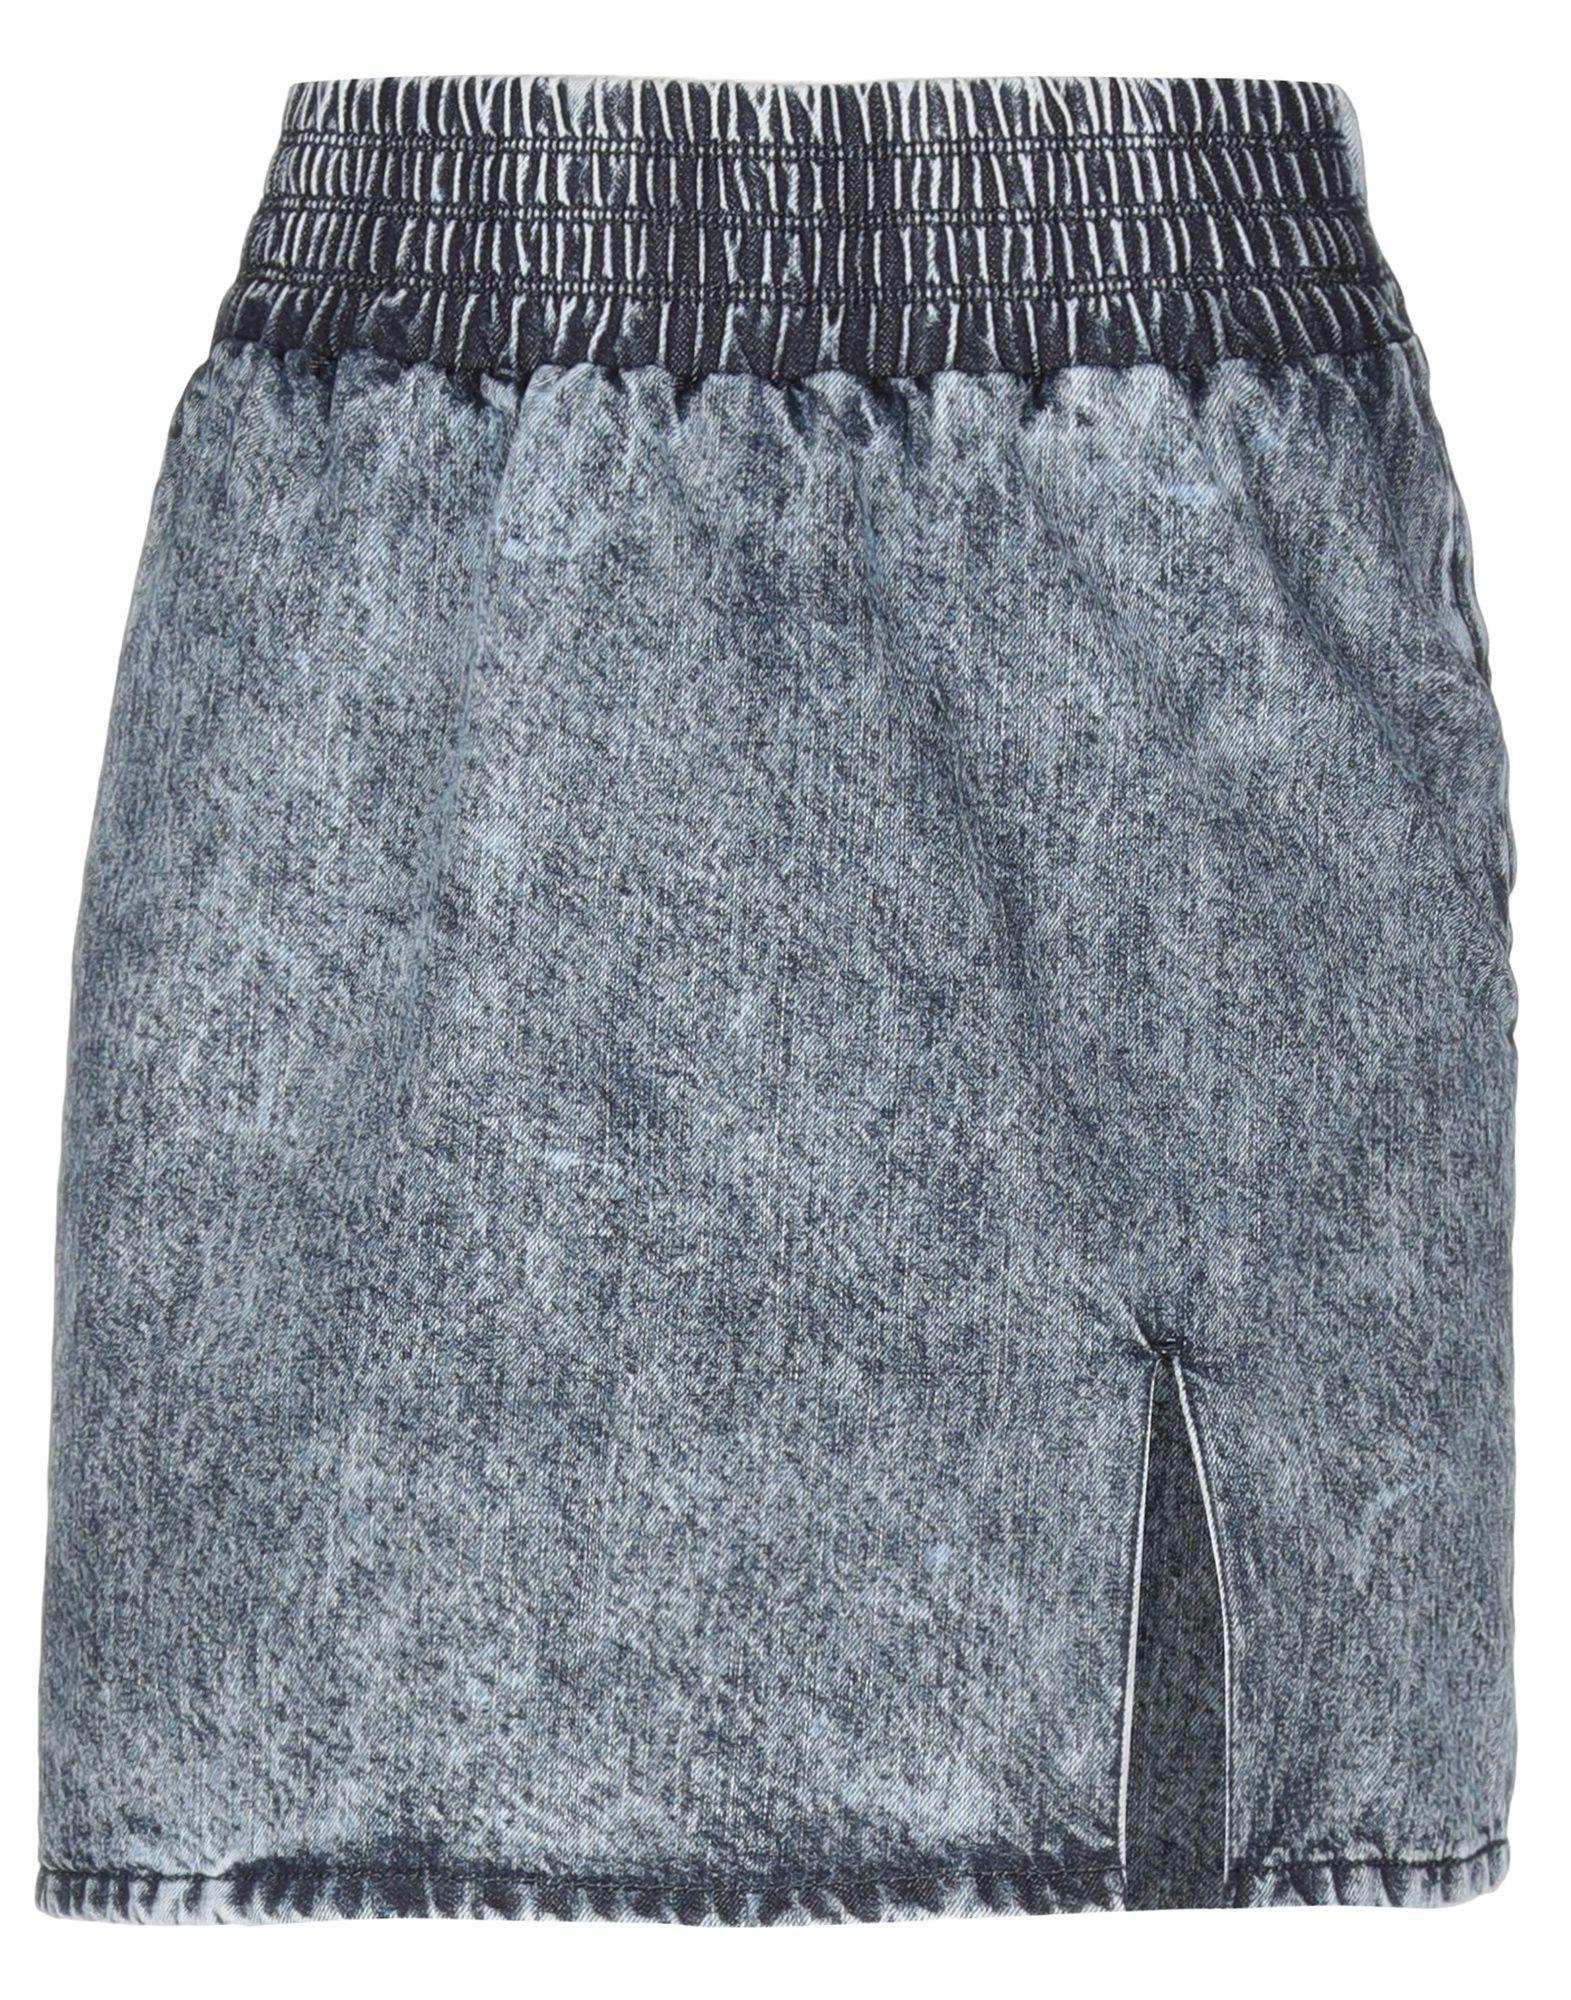 MIU MIU Джинсовая юбка miu miu черный шерстяной кардиган